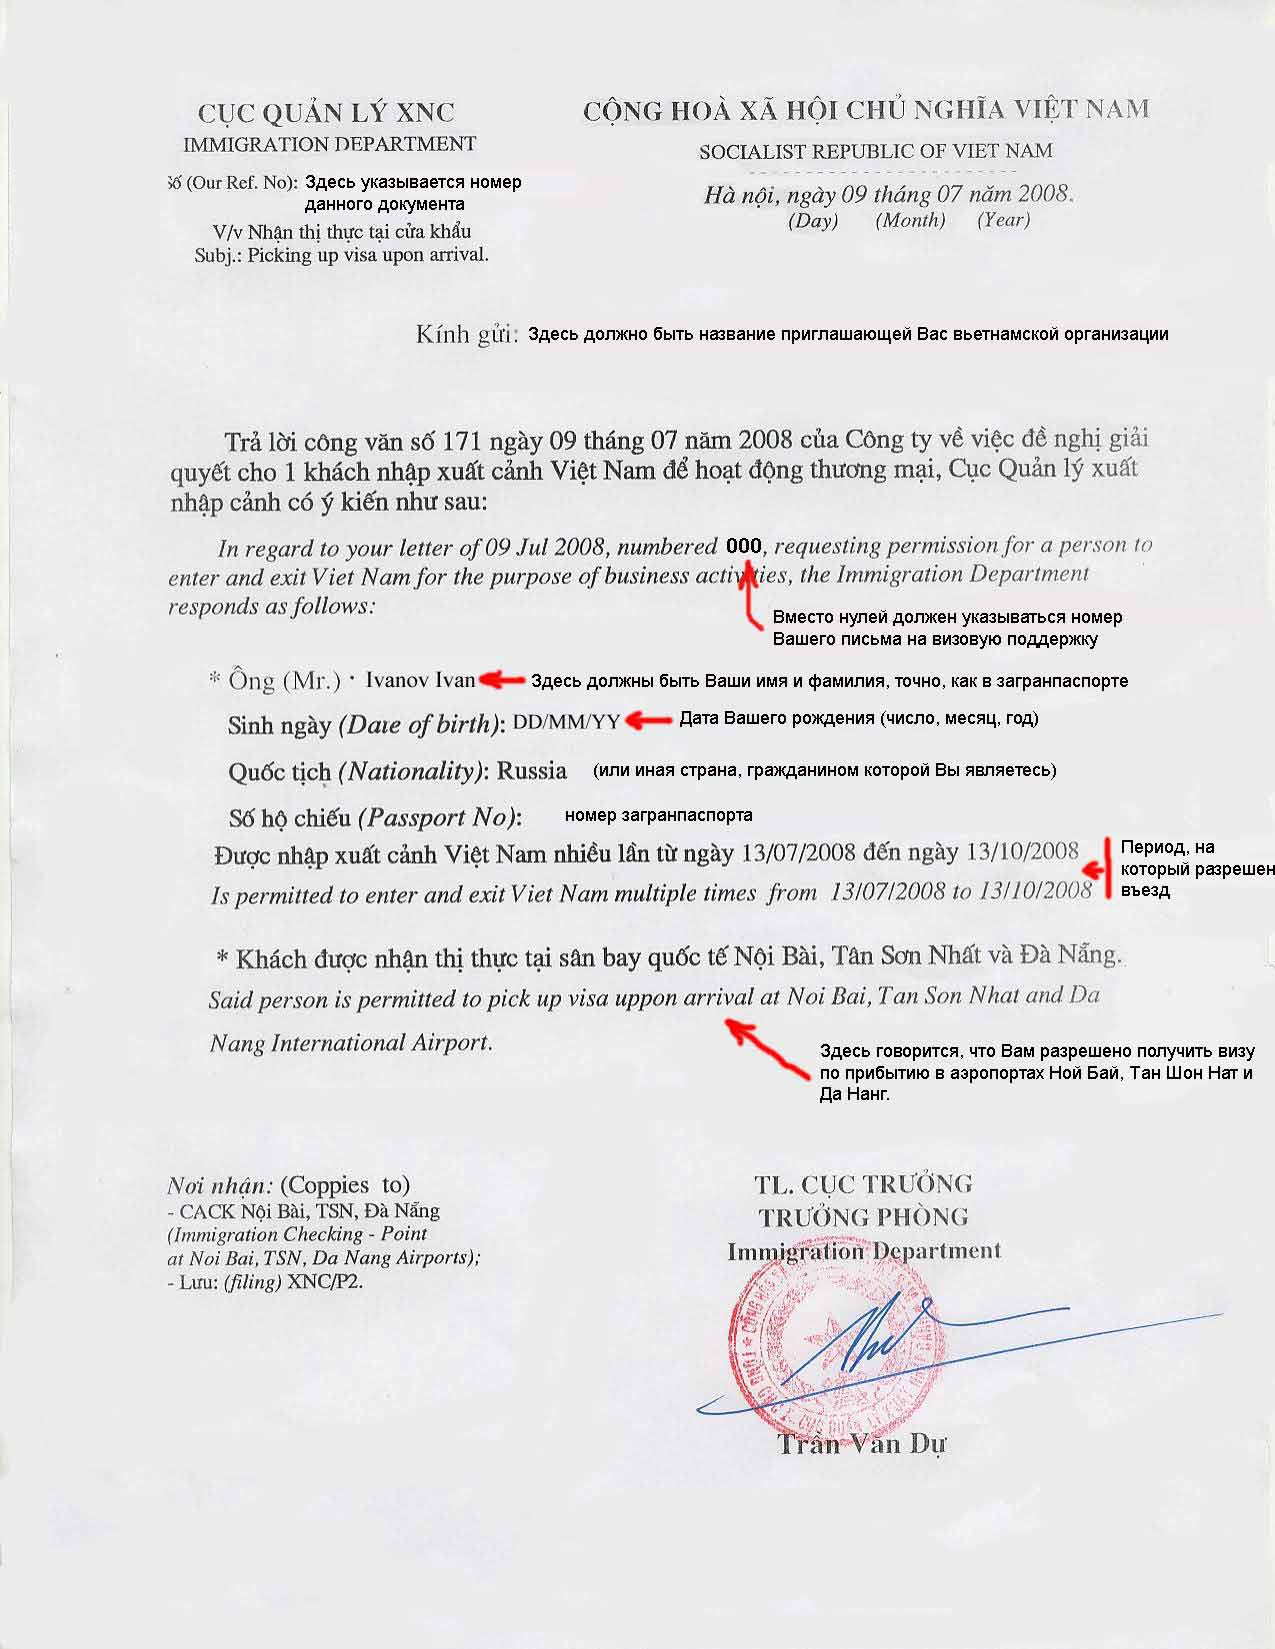 образец приглашения для гостевой визы в россию